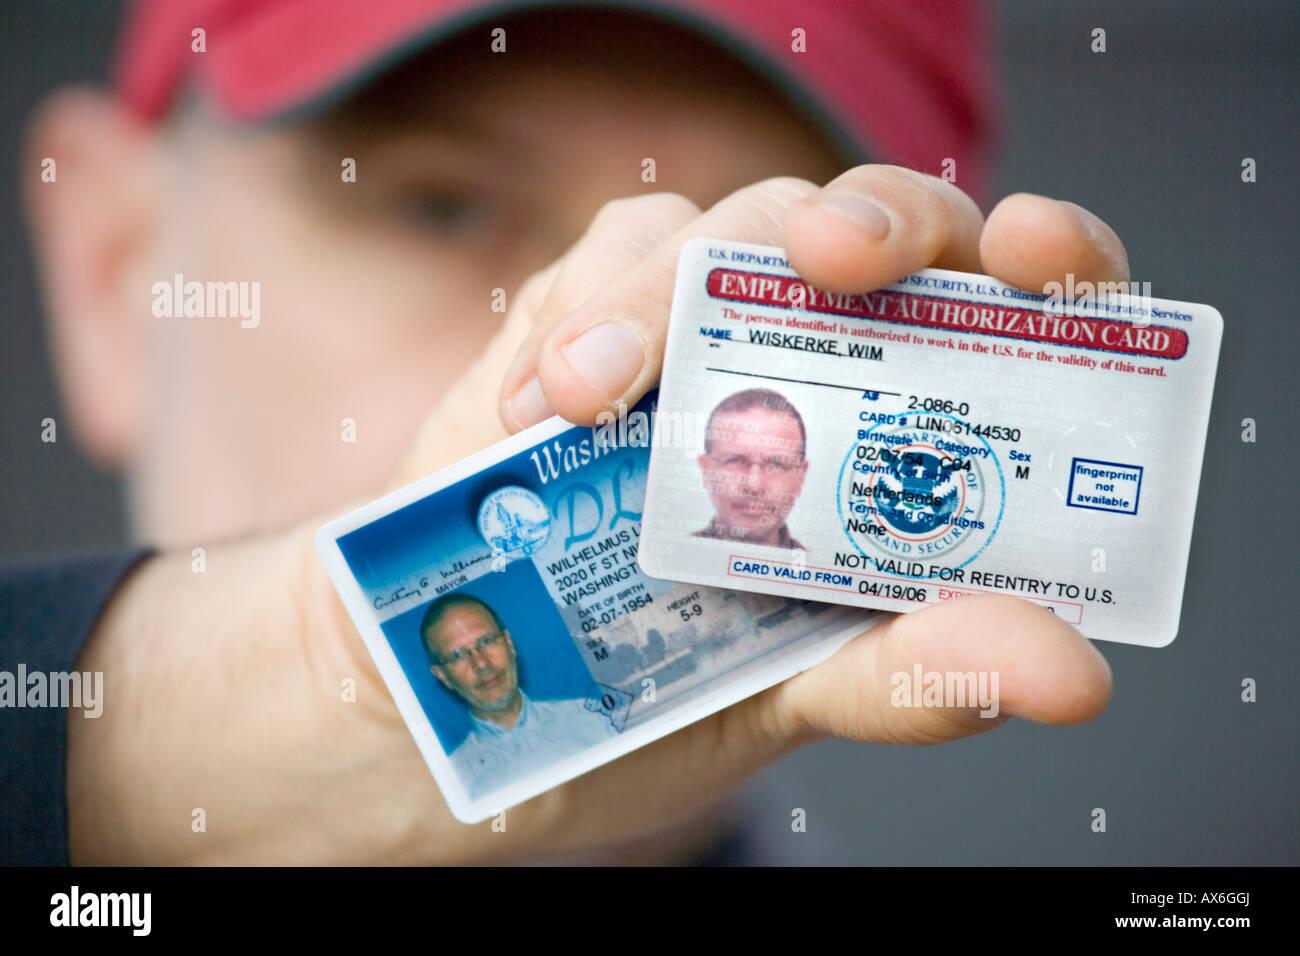 Nosotros, el Documento de Autorización de Empleo EAD tarjeta, conocida popularmente como nosotros Permiso de Imagen De Stock